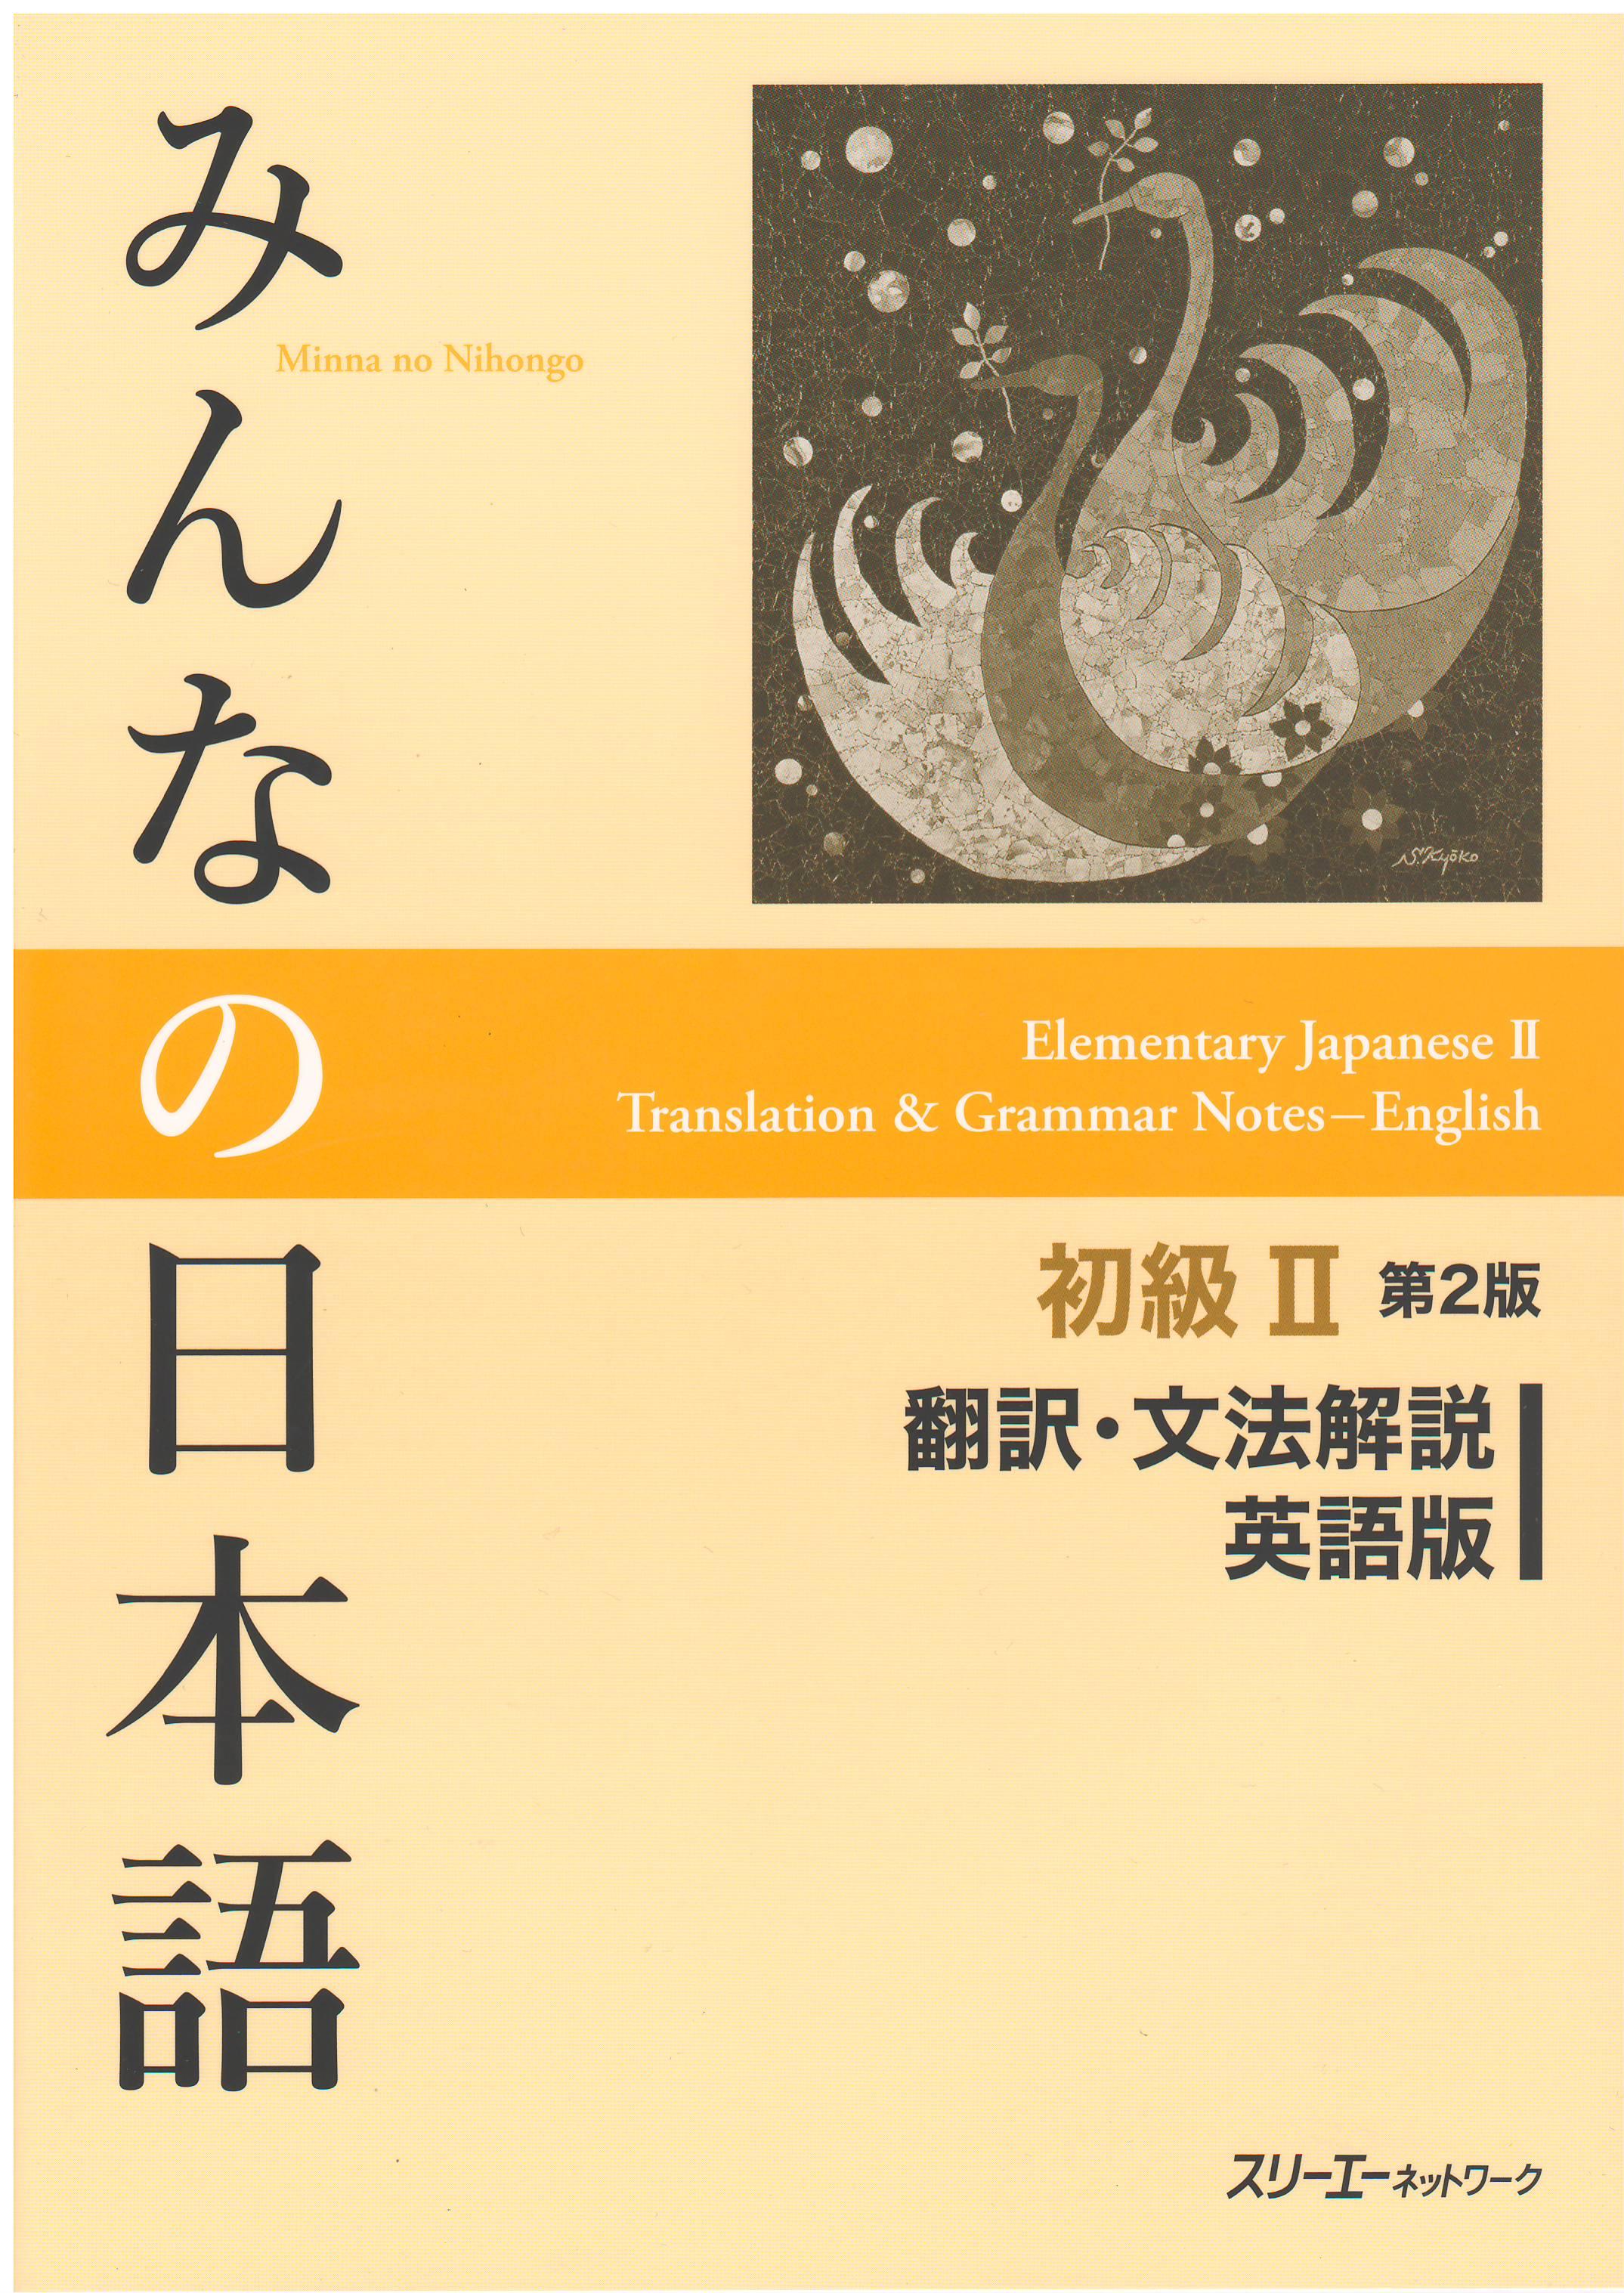 みんなの日本語 初級II 第2版 翻訳・文法解説 英語版画像